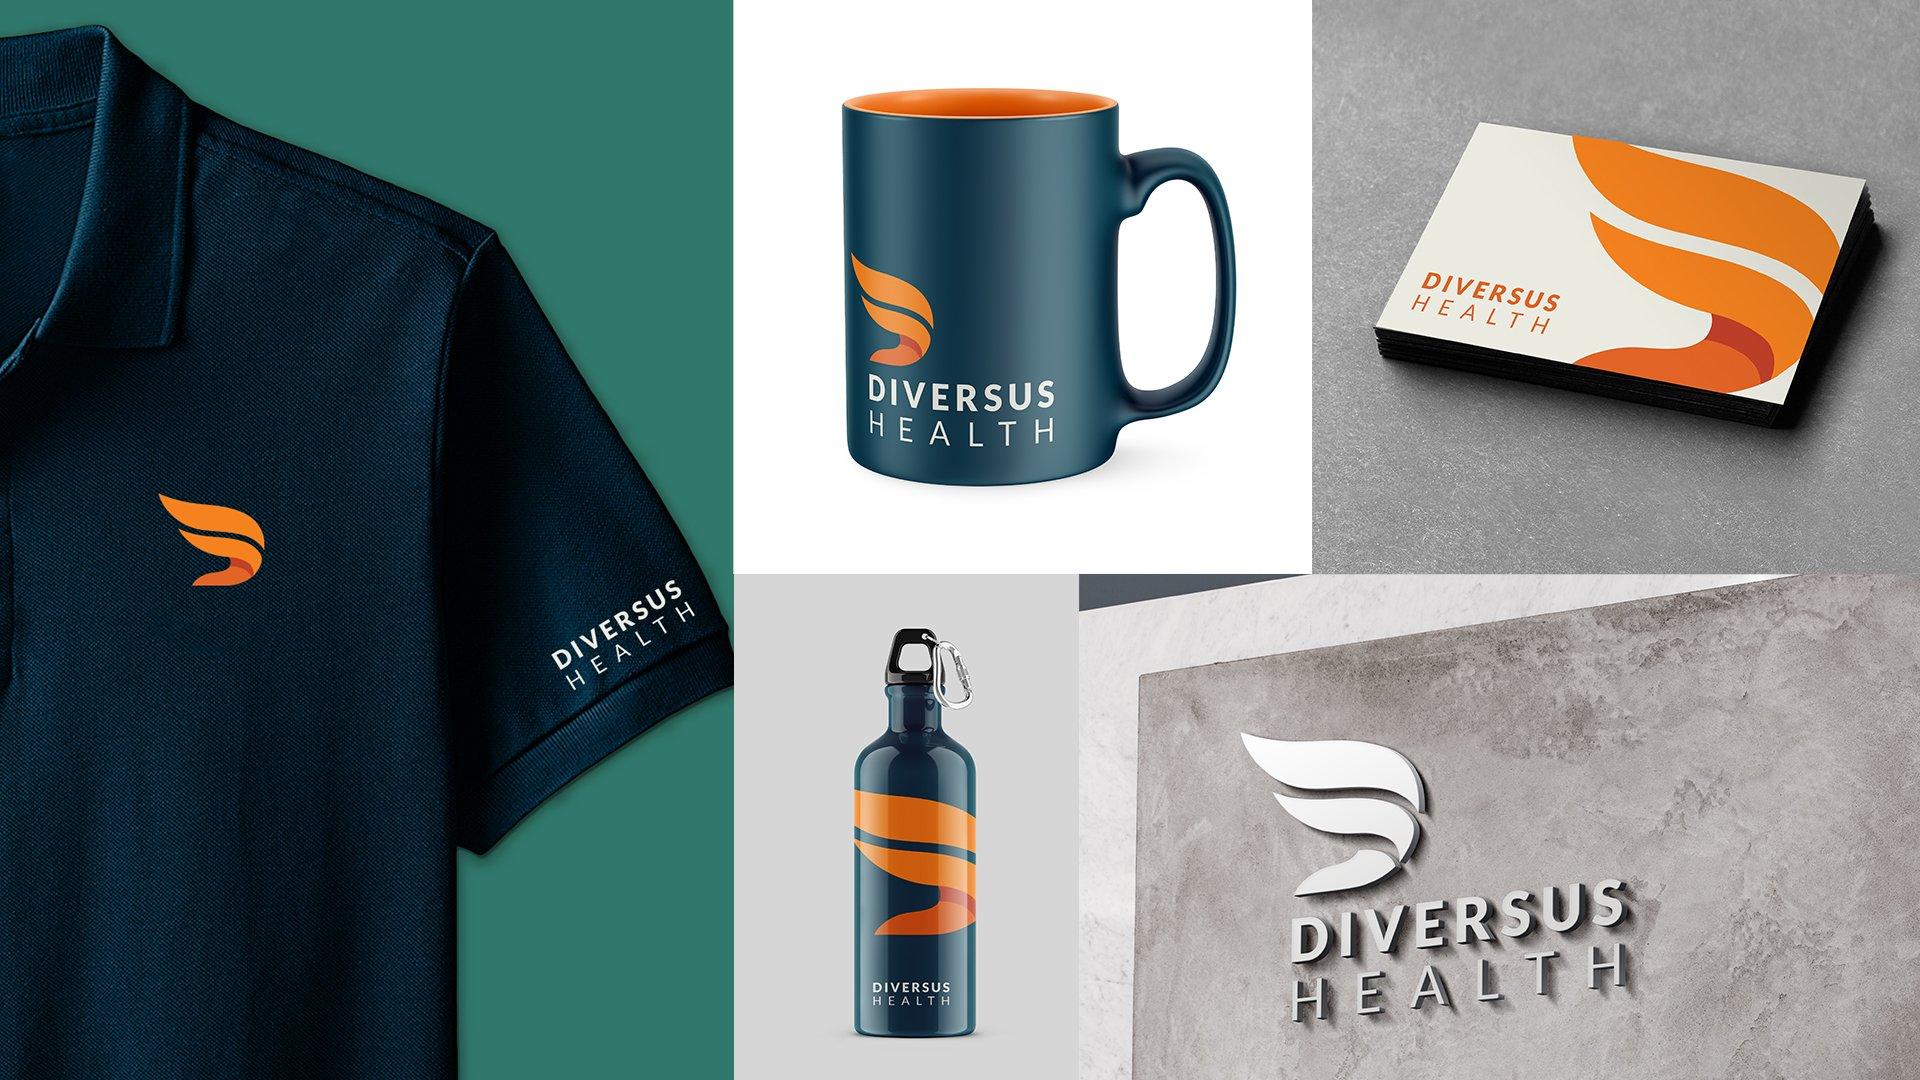 Diversus_Health_Branding_6_RND3_v1.0-1